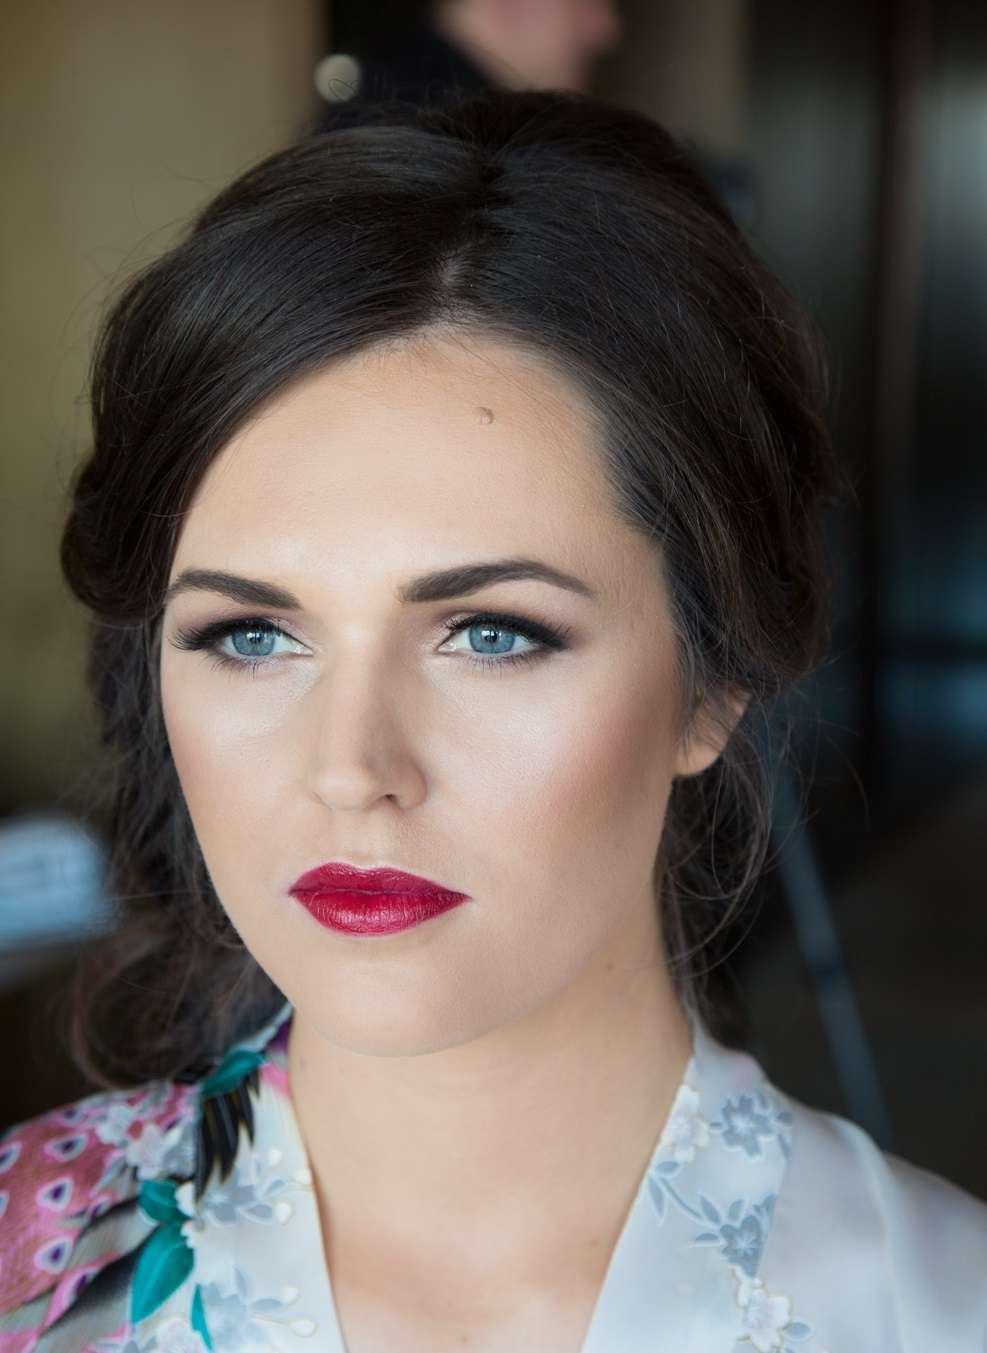 Trucco per la sposa con occhi azzurri e capelli neri